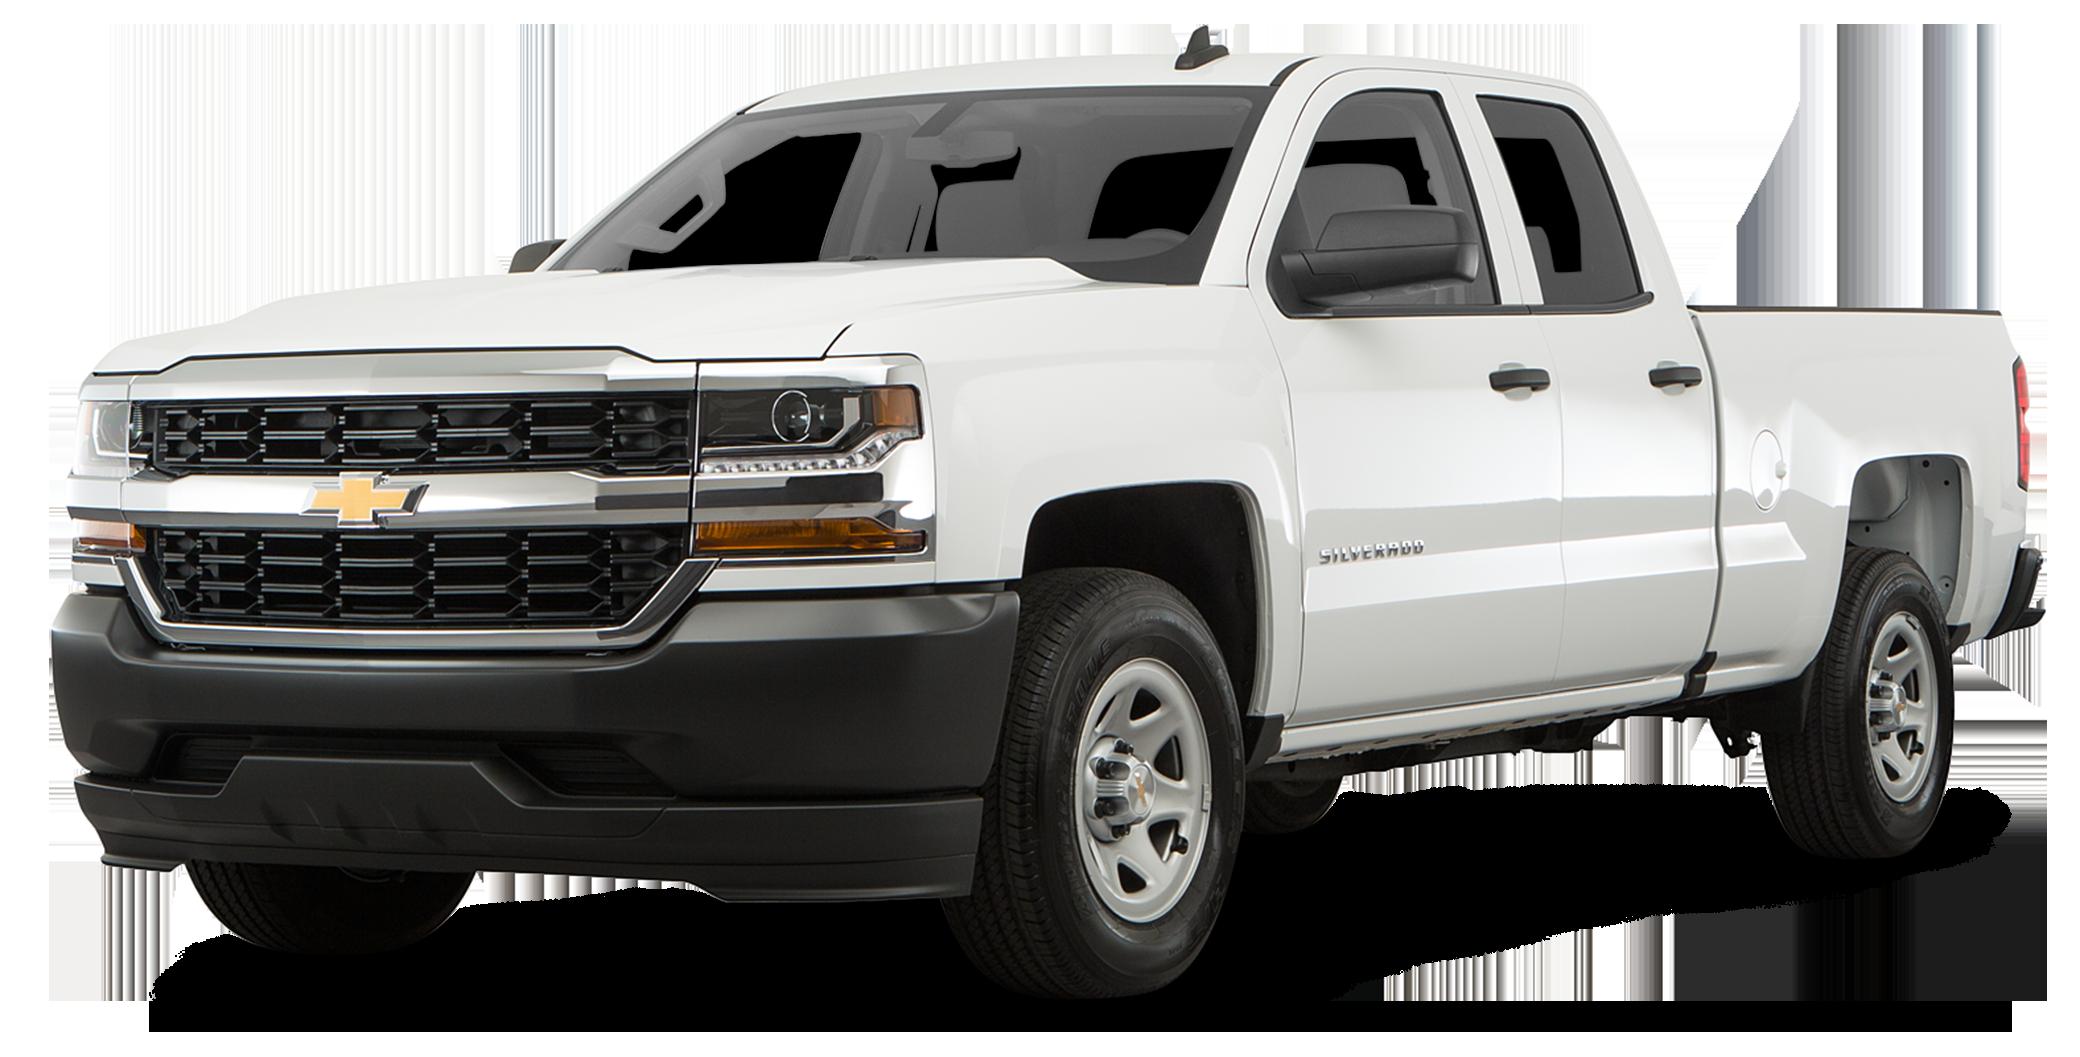 2019 Chevrolet Silverado 1500 Incentives, Specials & Offers in Phoenix AZ